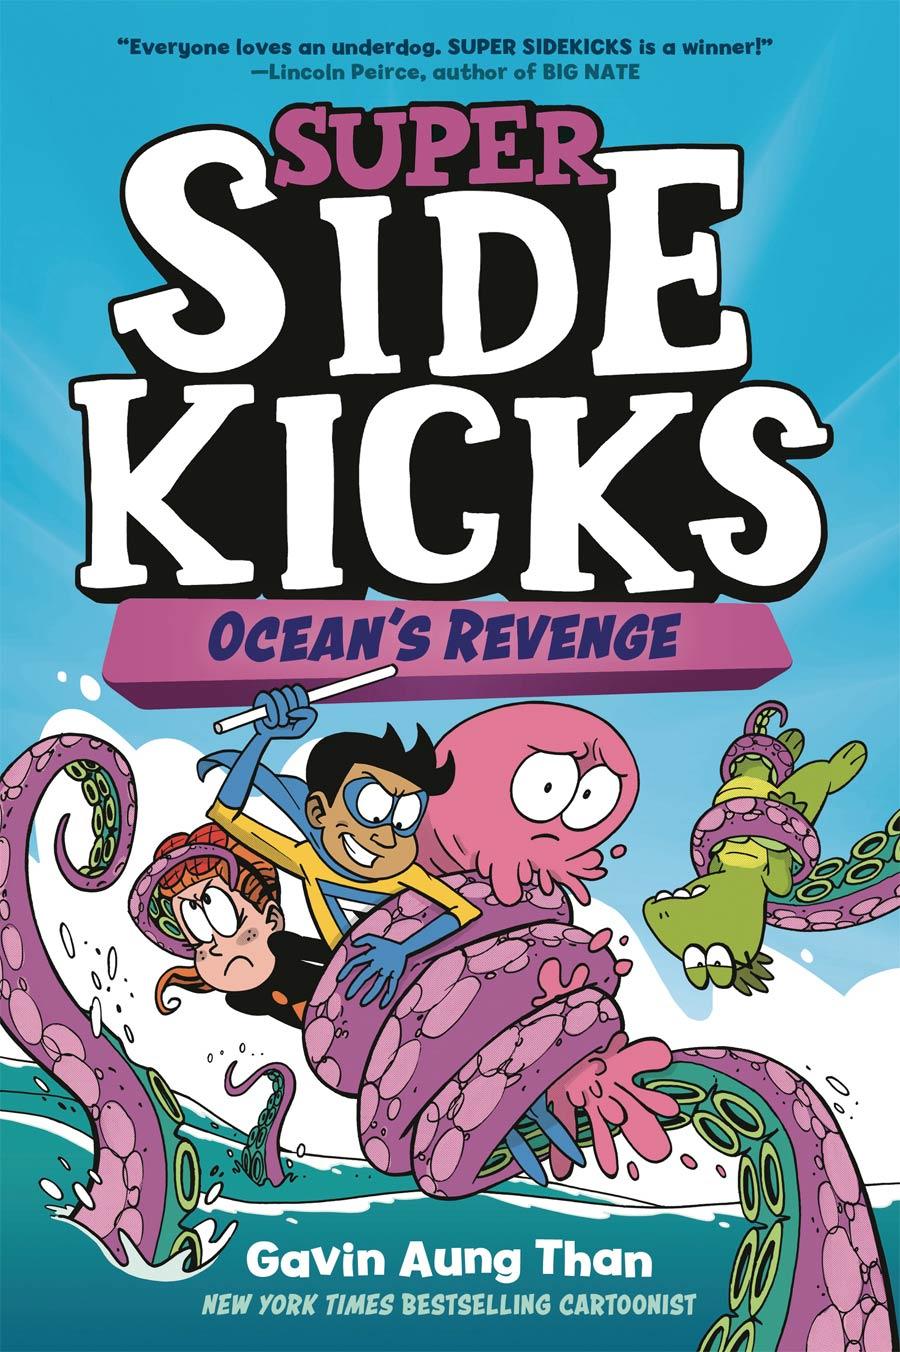 Super Sidekicks Vol 2 Oceans Revenge TP